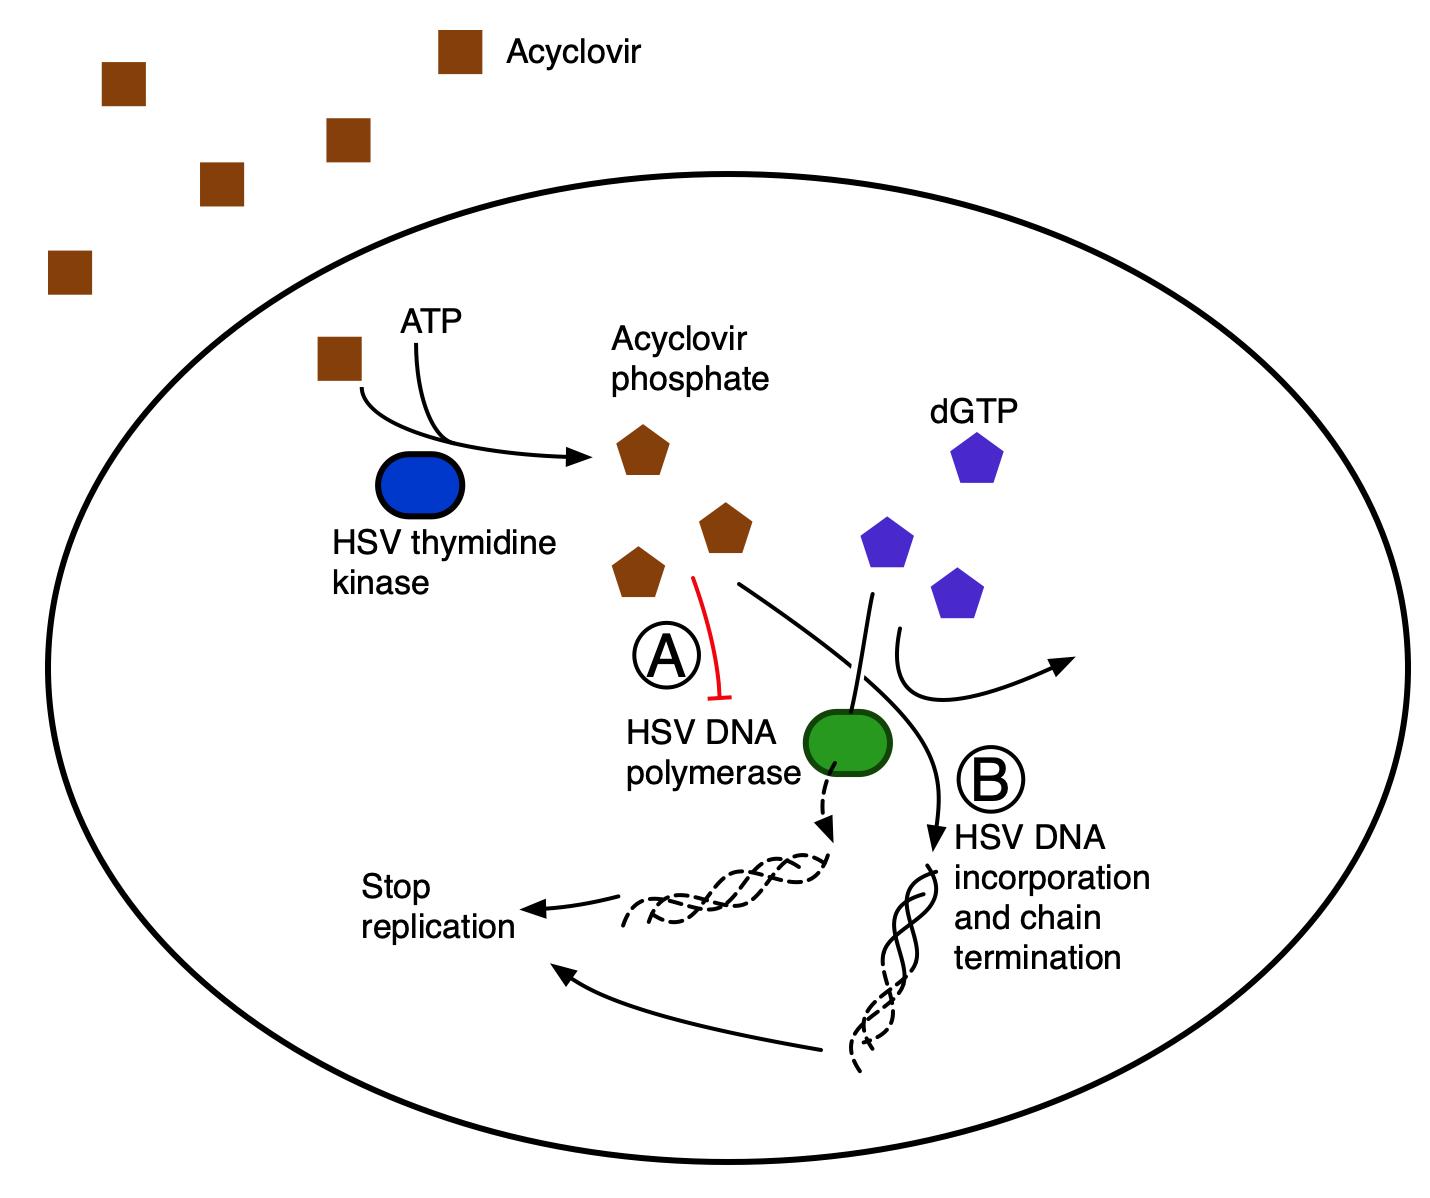 Difference Between Remdesivir and Acyclovir